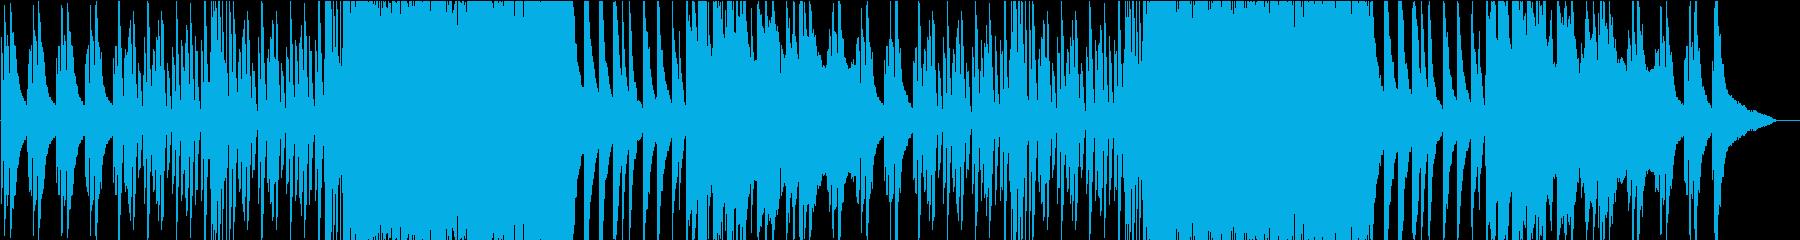 お洒落ジャジーなピアノとサックスのBGMの再生済みの波形